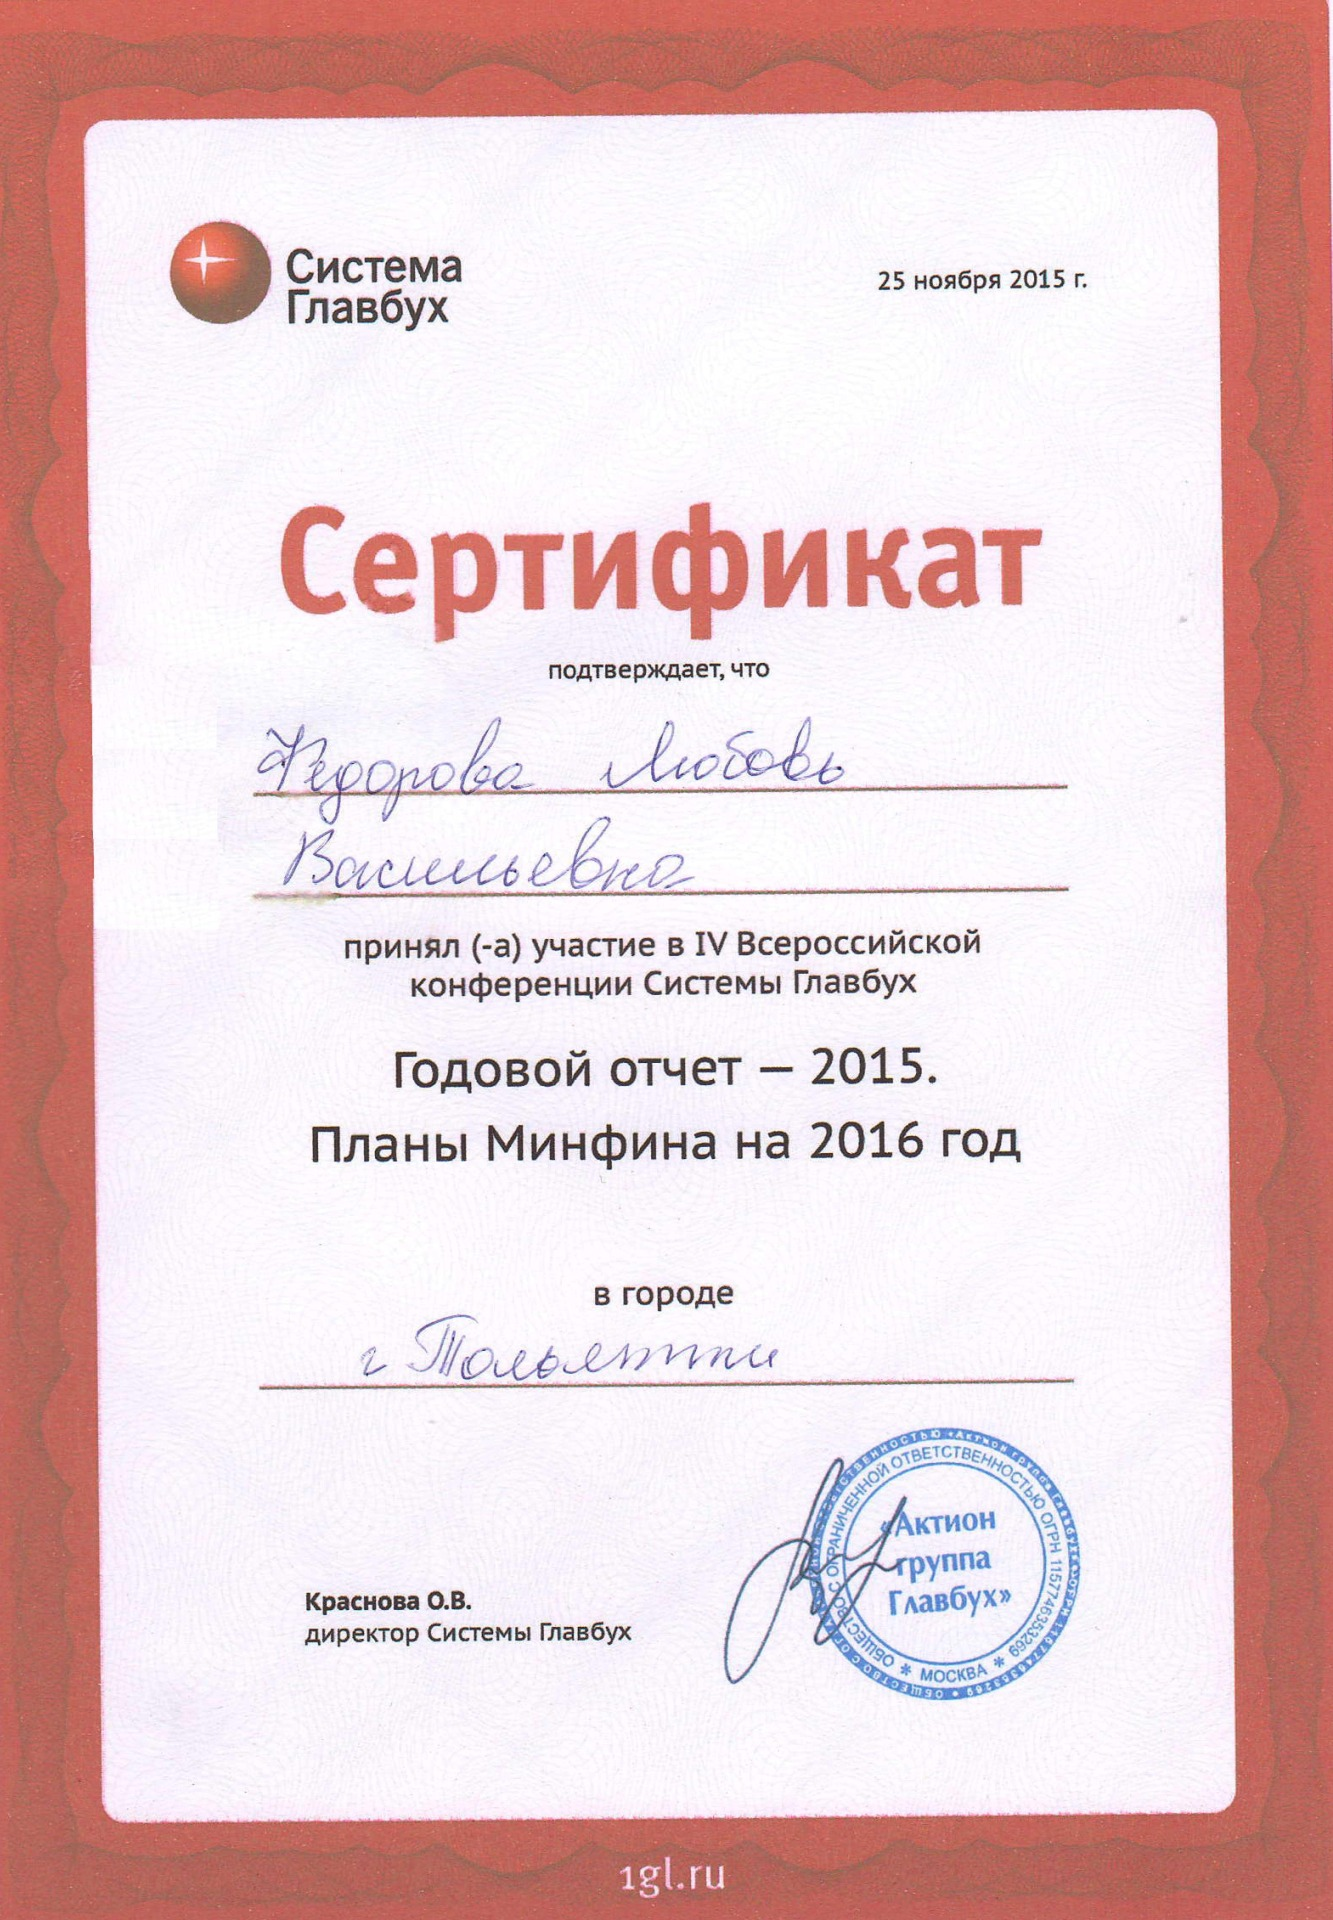 бухгалтерские услуги тольятти